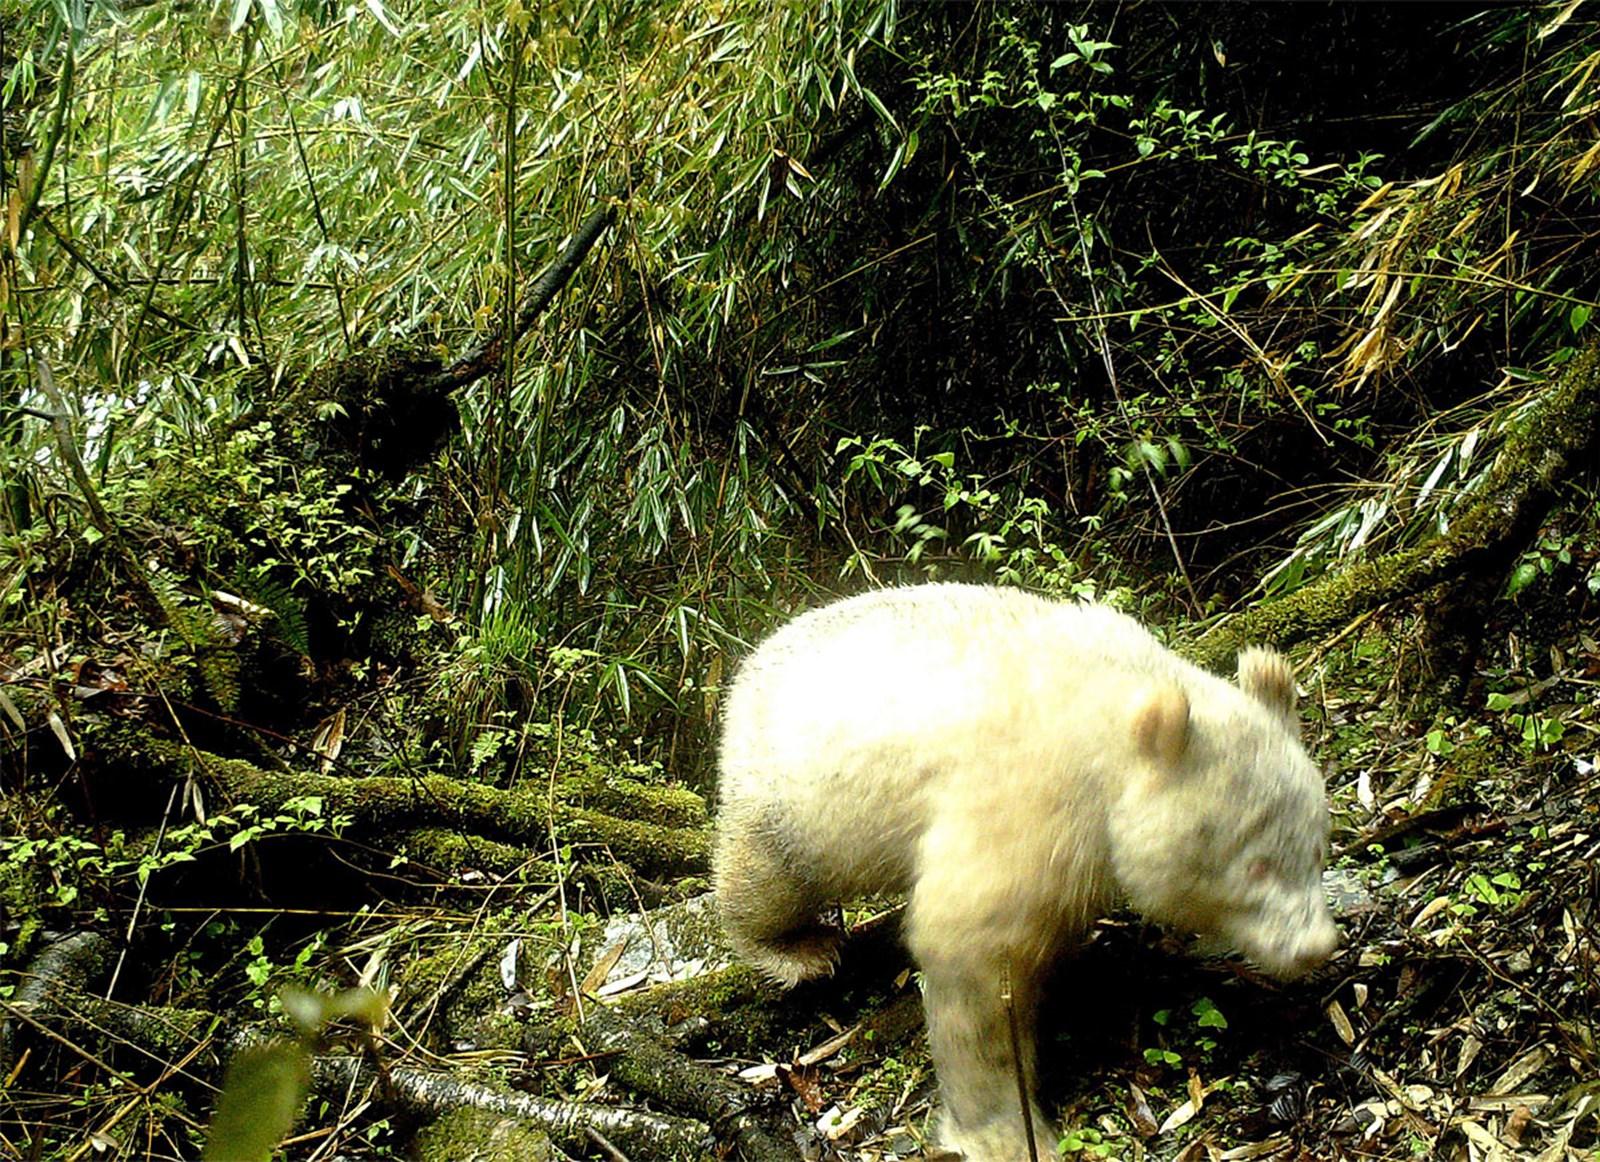 Einmaliger Anblick: Gänzlich weißer Riesenpanda geriet in Fotofalle